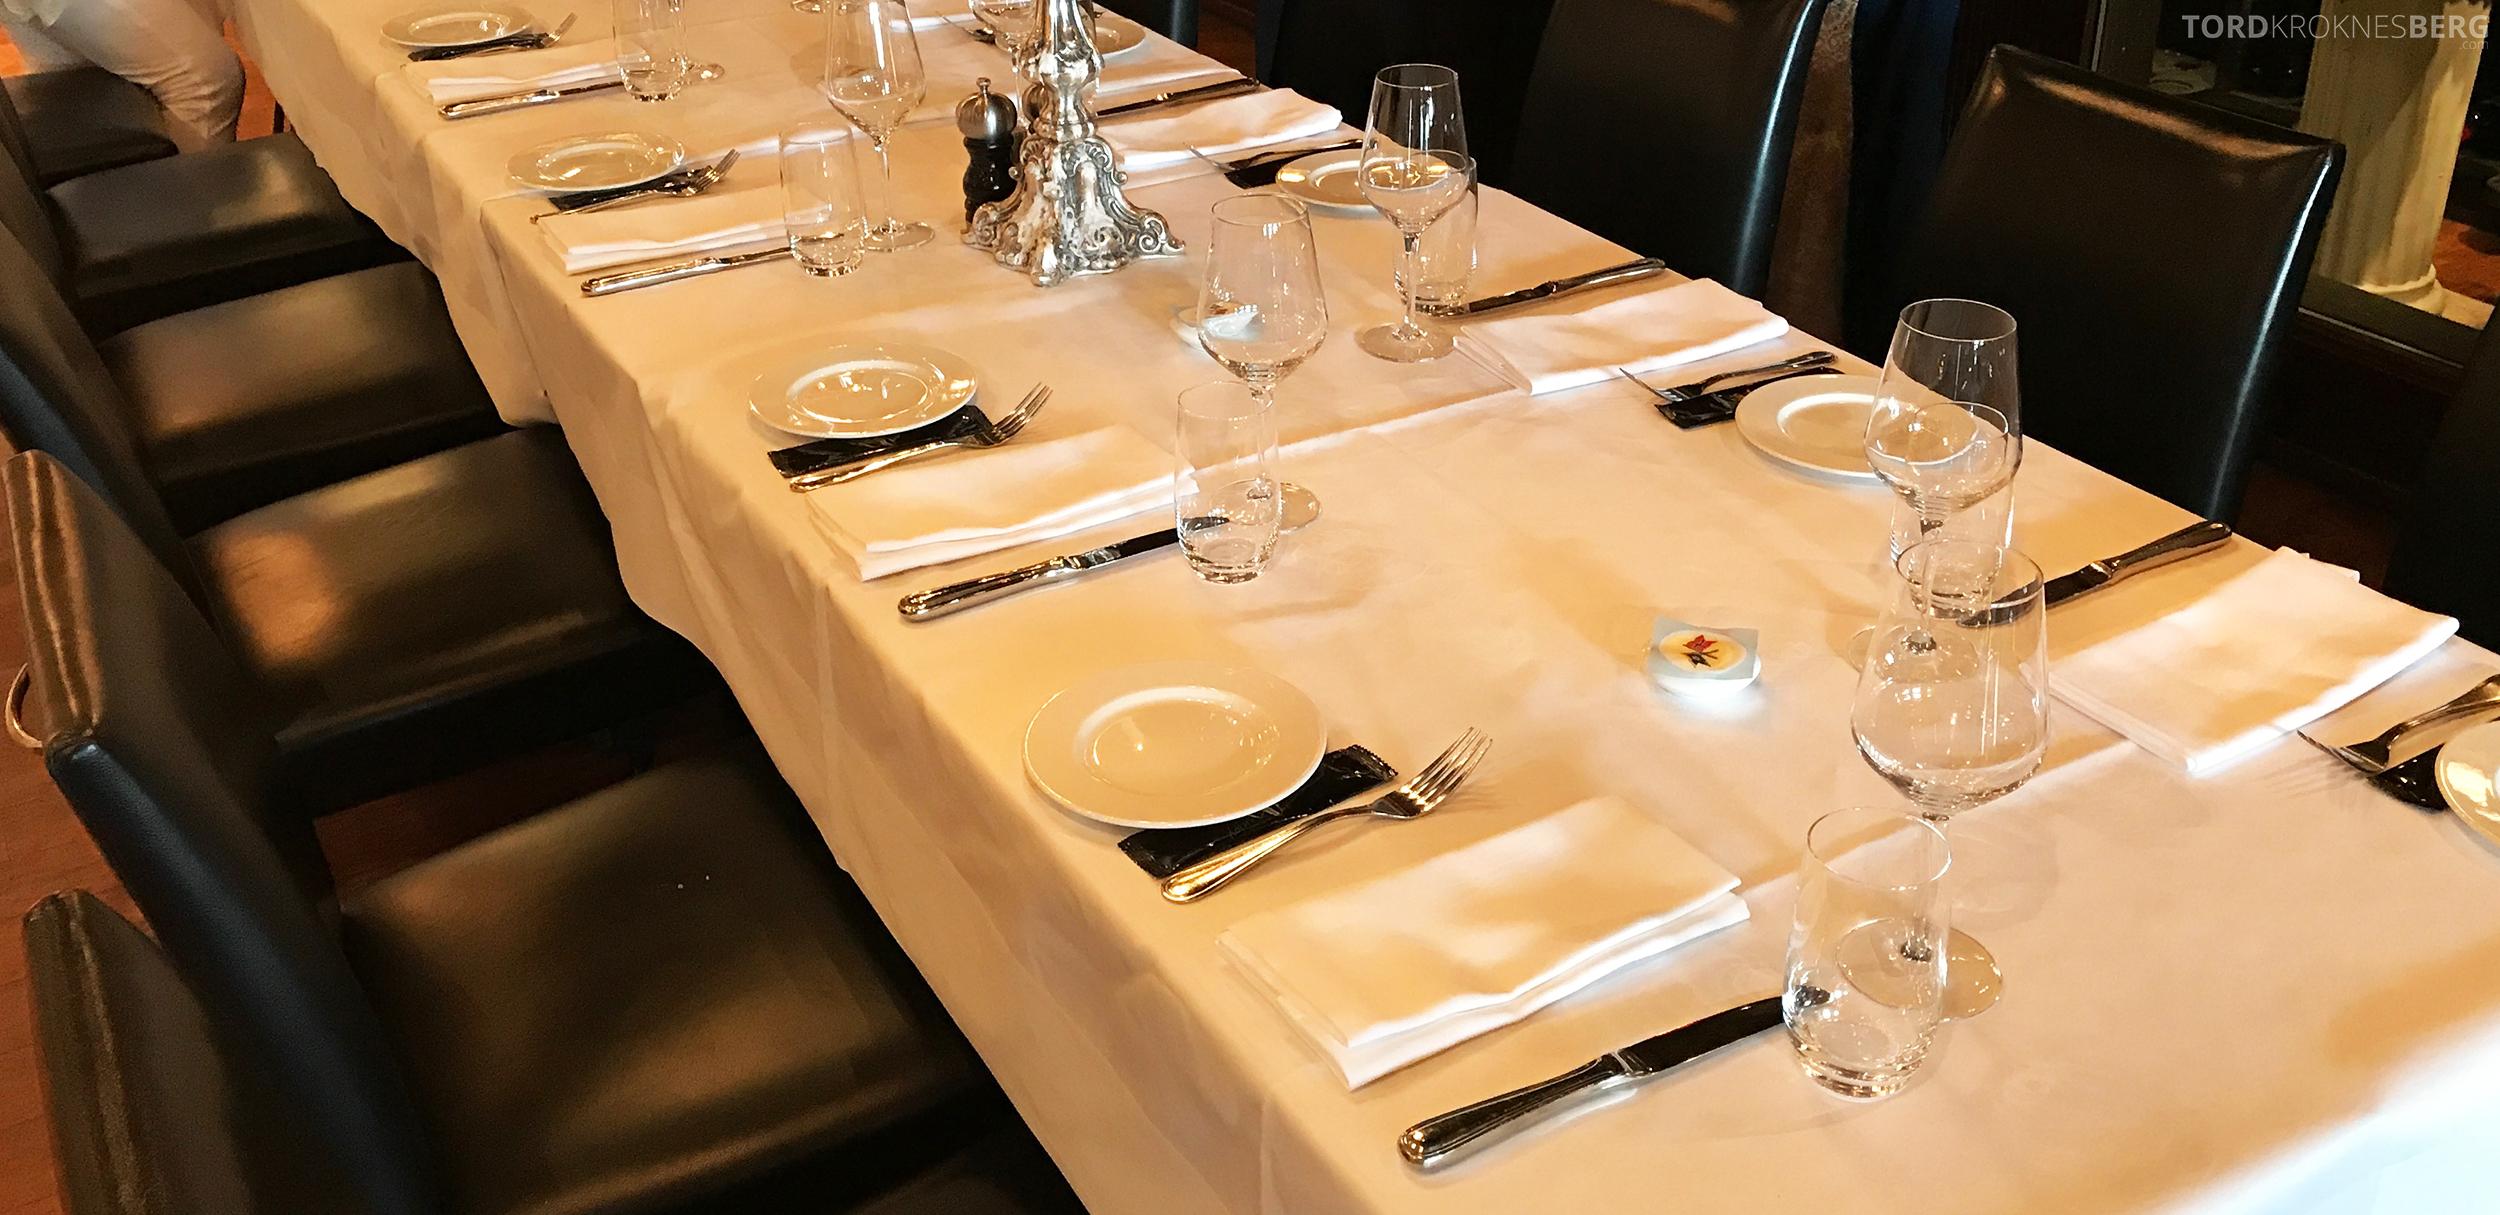 Louise Restaurant Bar Aker Brygge selskap